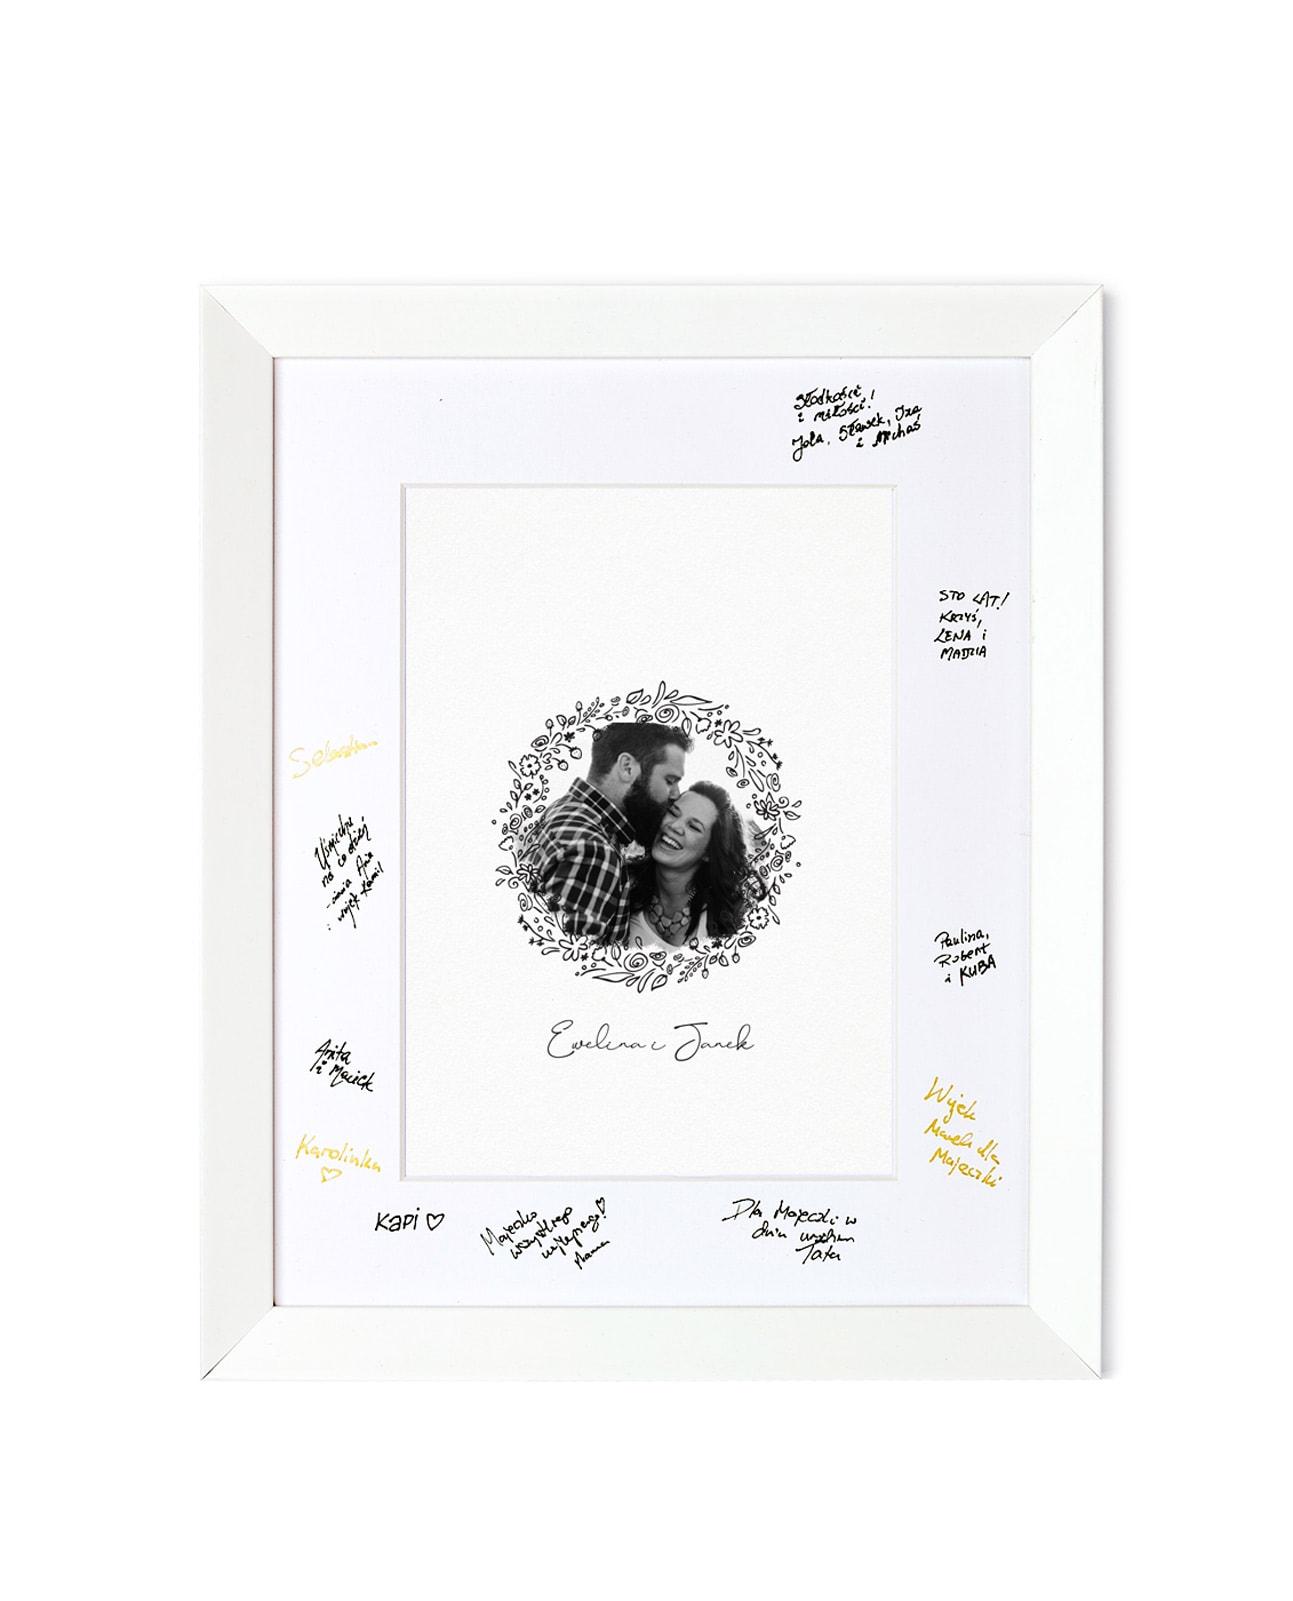 Tablica powitalna i księga gości ze zdjęciem w białej ramie